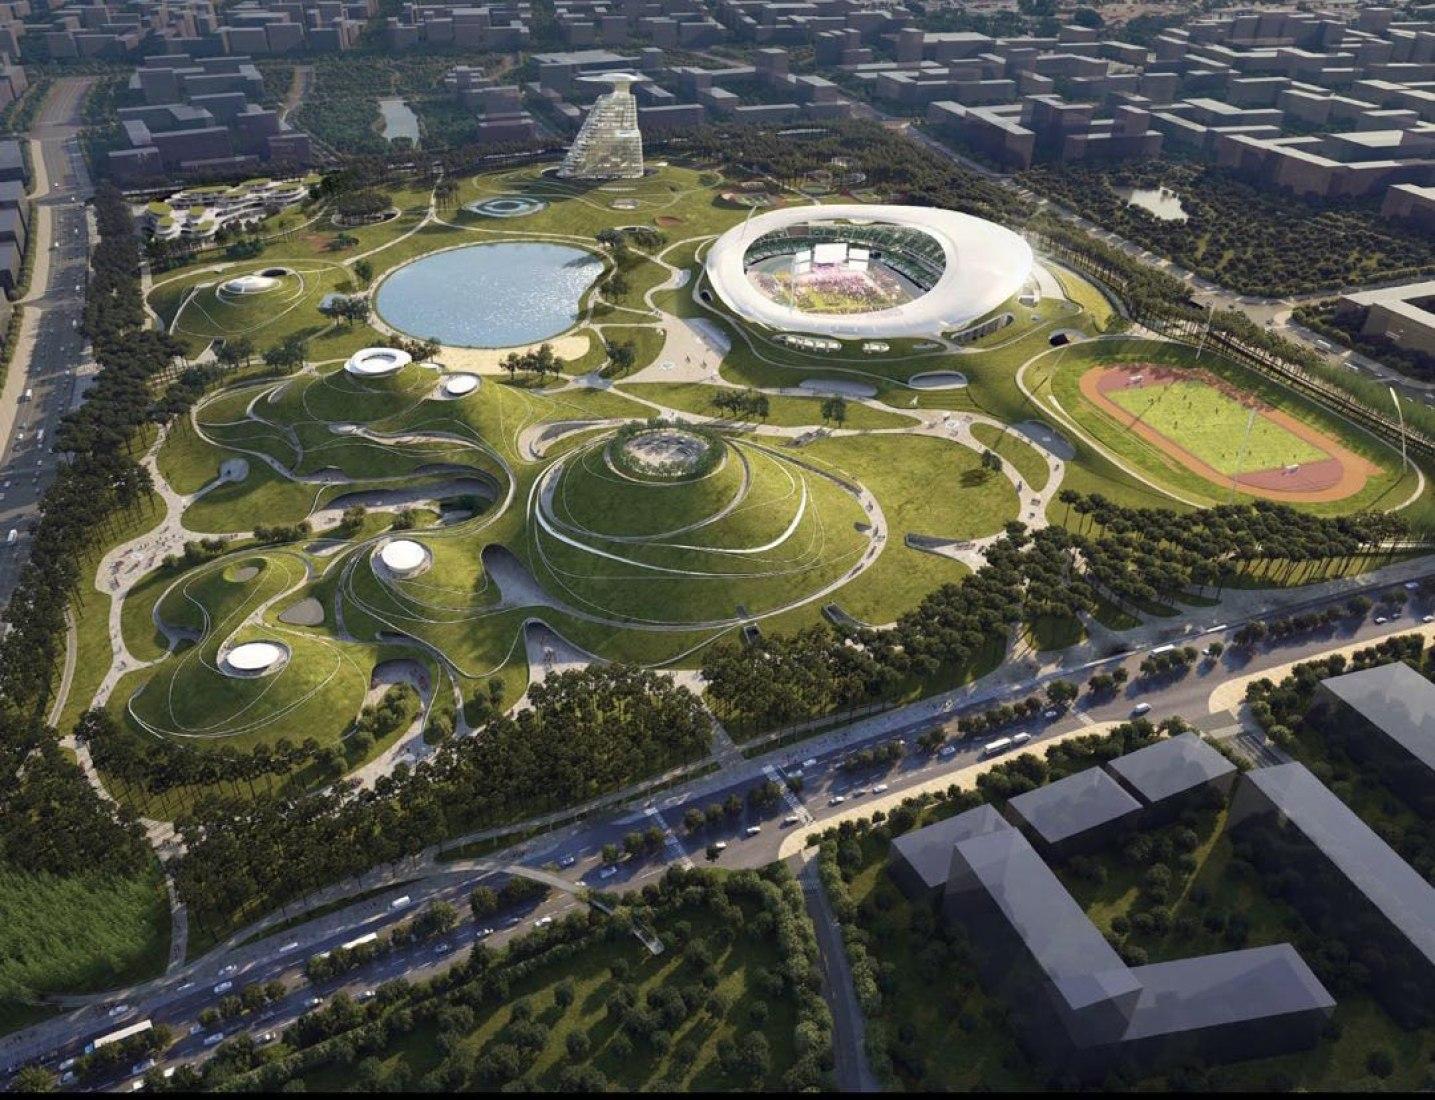 Visualización general. Campus deportivo de Quzhou por MAD Architects. Imagen cortesía de MAD Architects